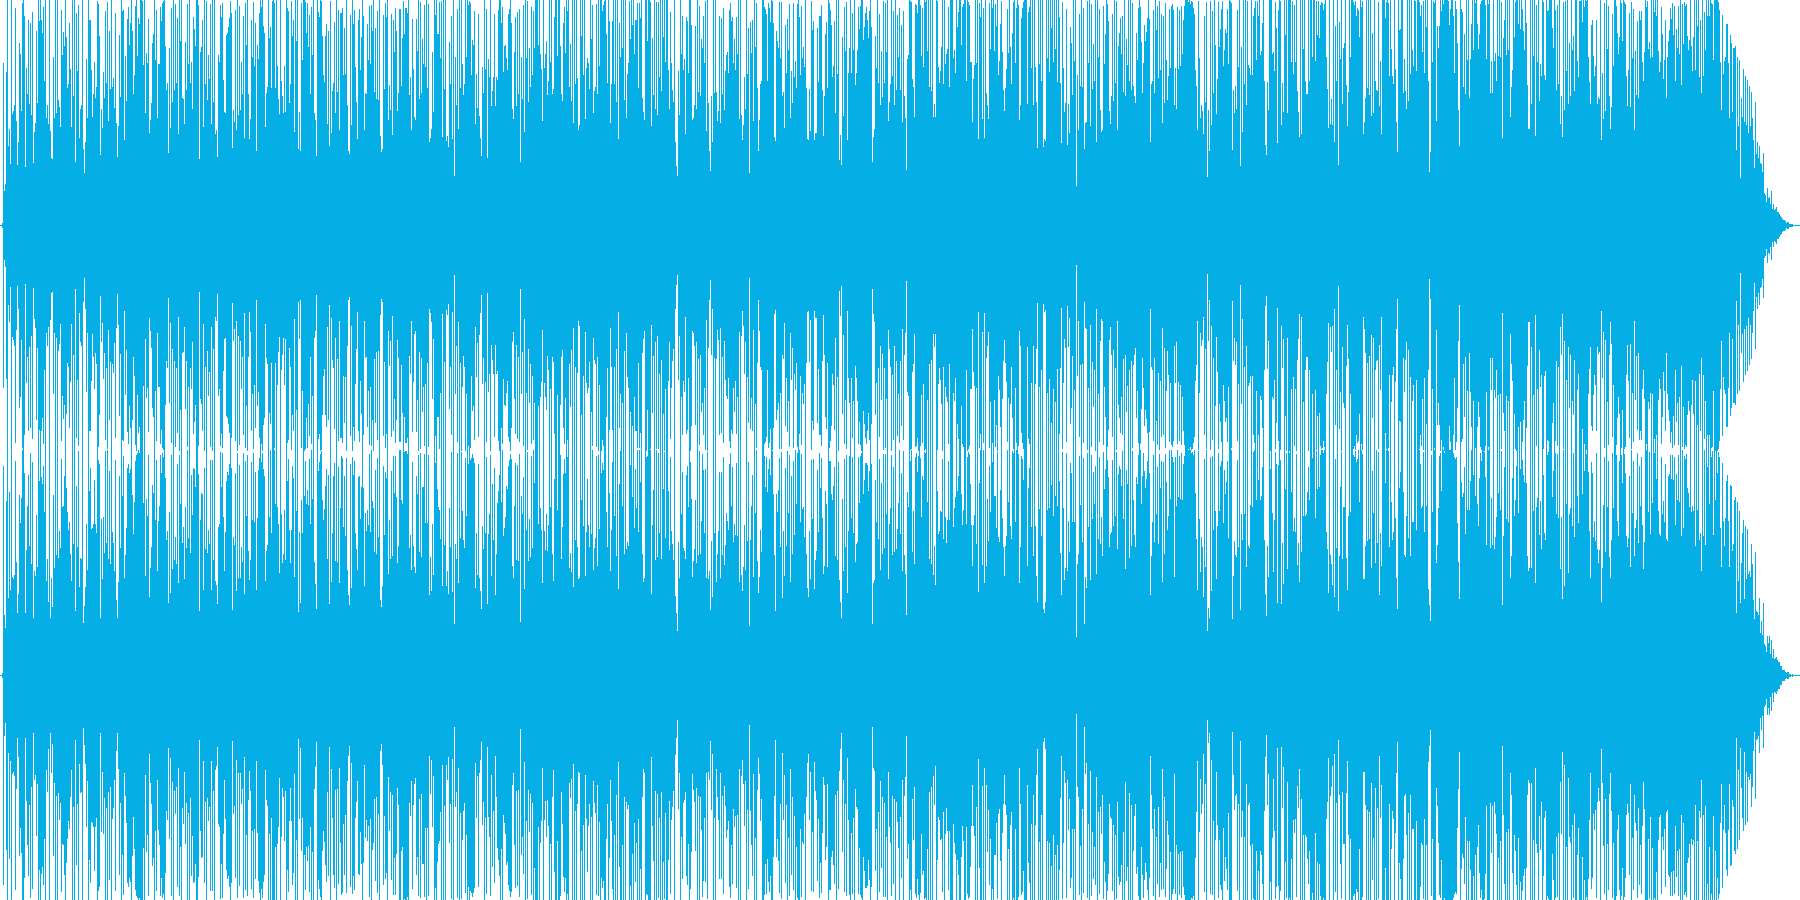 米国人シンガーによるソウルフルなR&Bの再生済みの波形